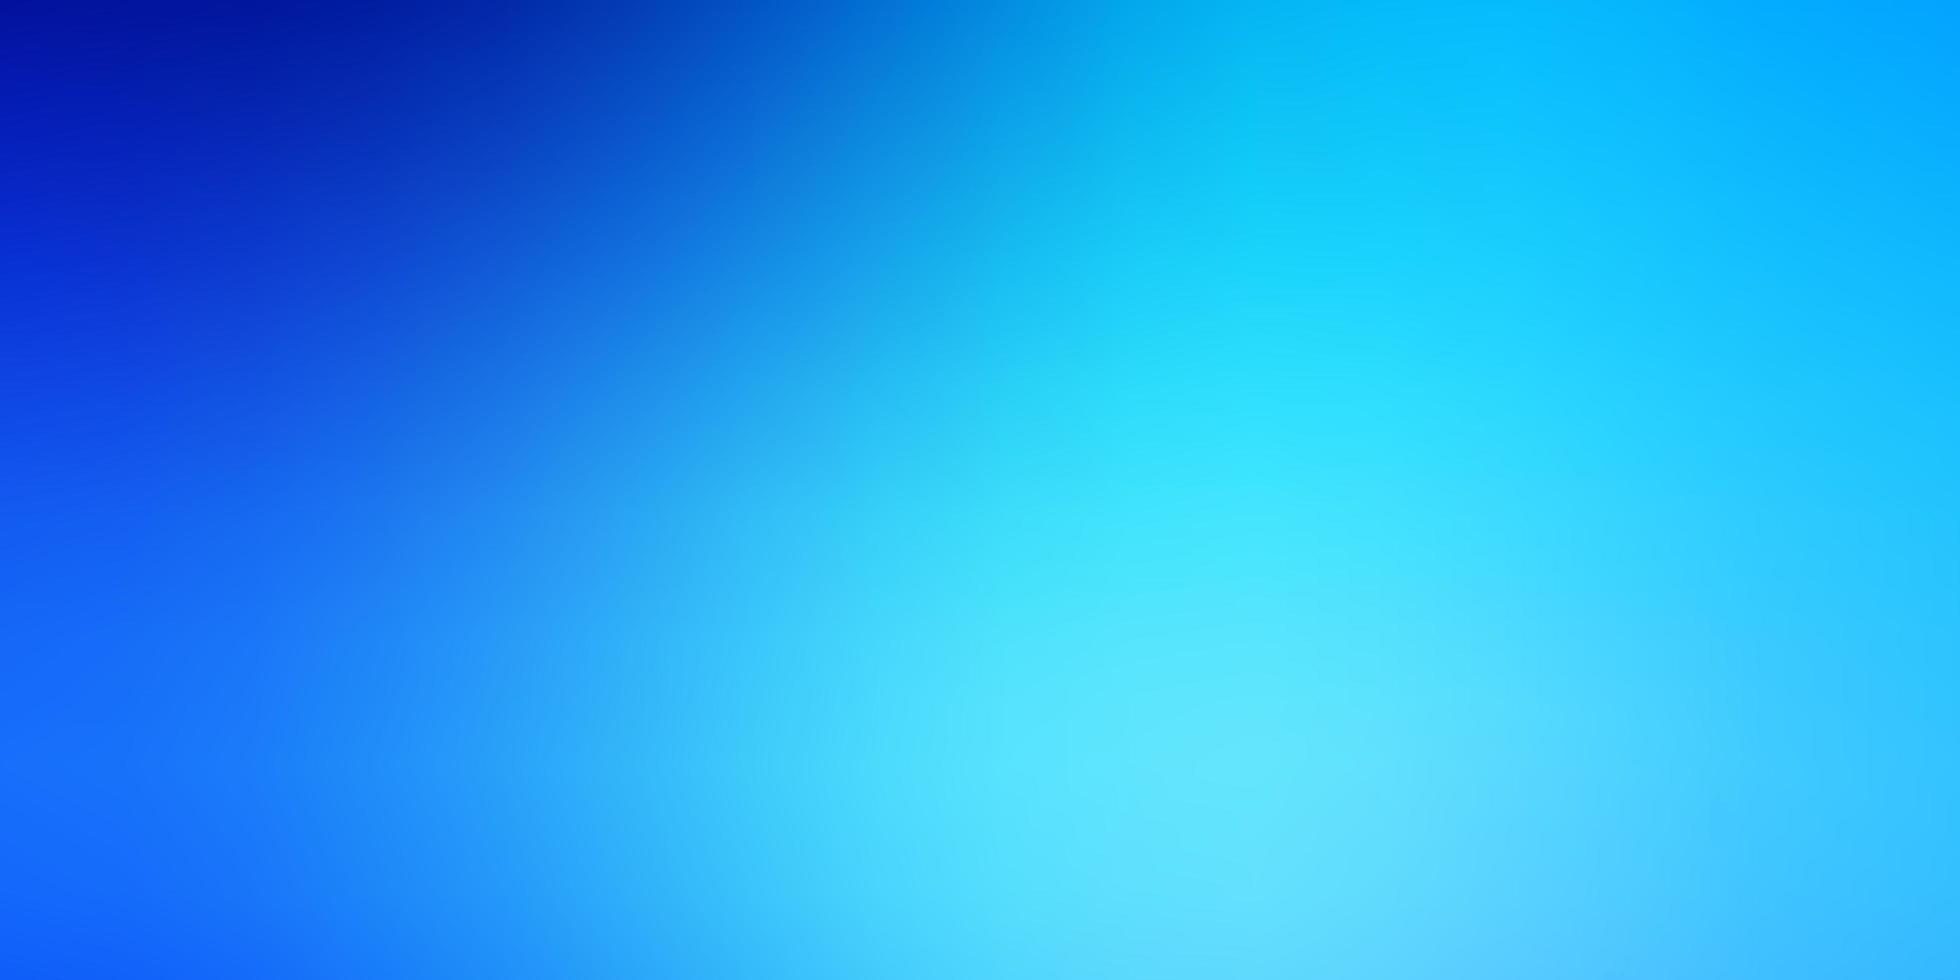 sfondo sfocato colorato azzurro. vettore